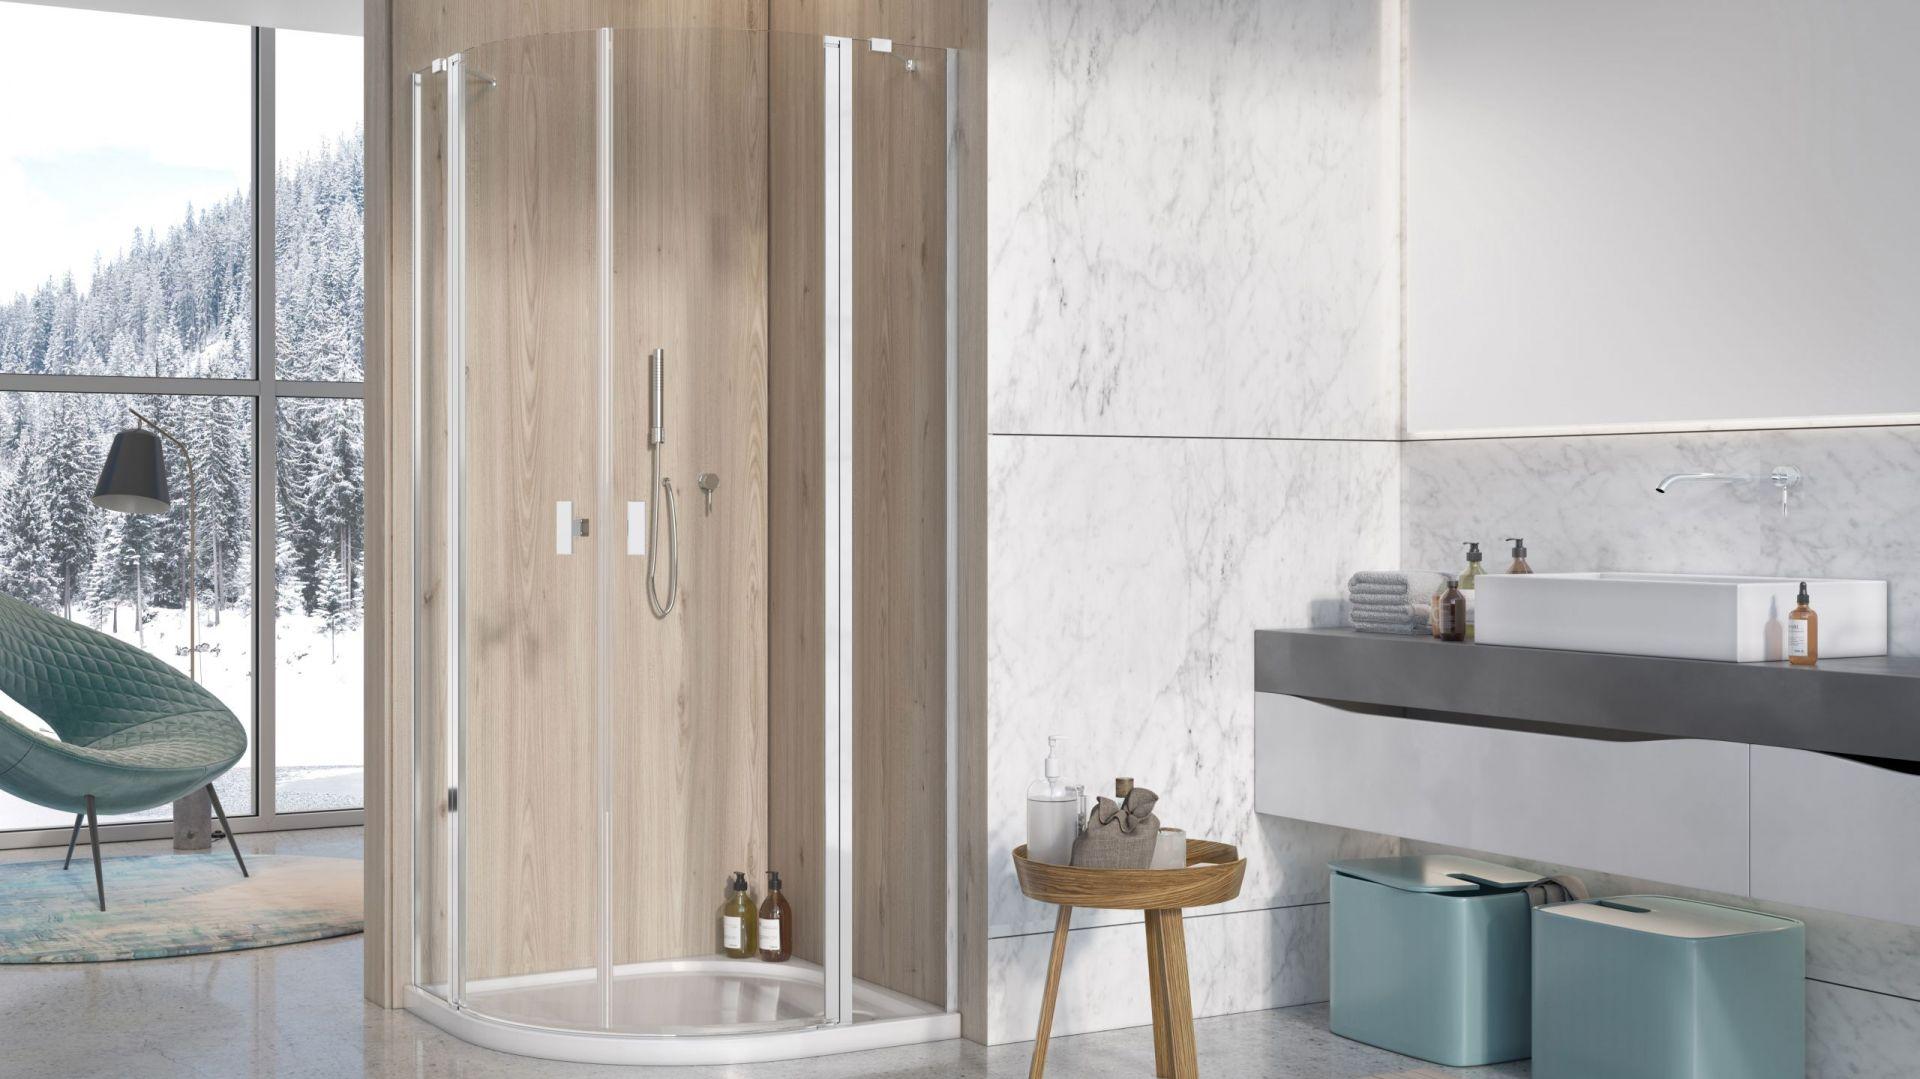 Kabina prysznicowa idealna do małej łazienki: model Nes PDD II 90x90 cm. Fot. Radaway